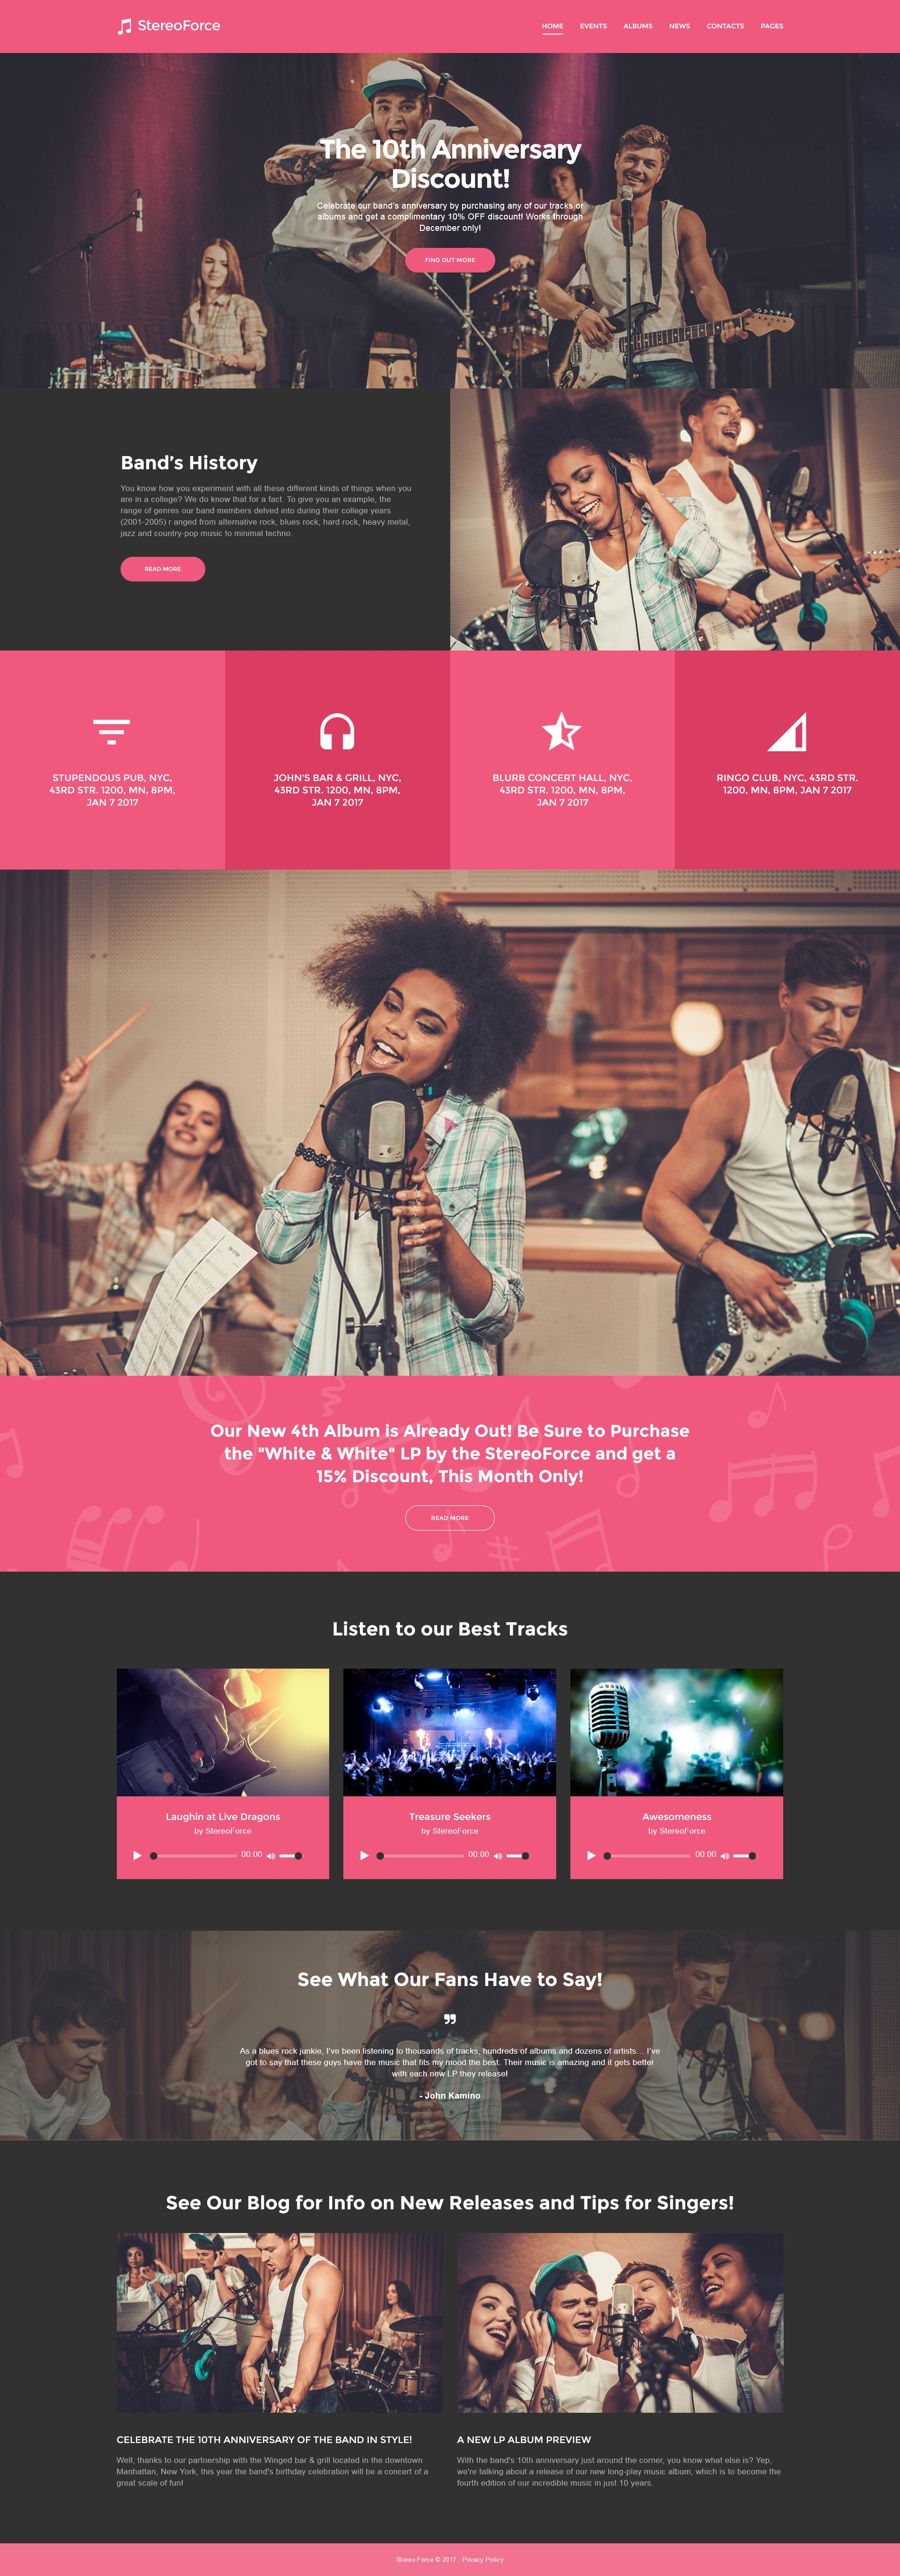 Responsive Music Templates Wordpress #58988 - Ekran resmi